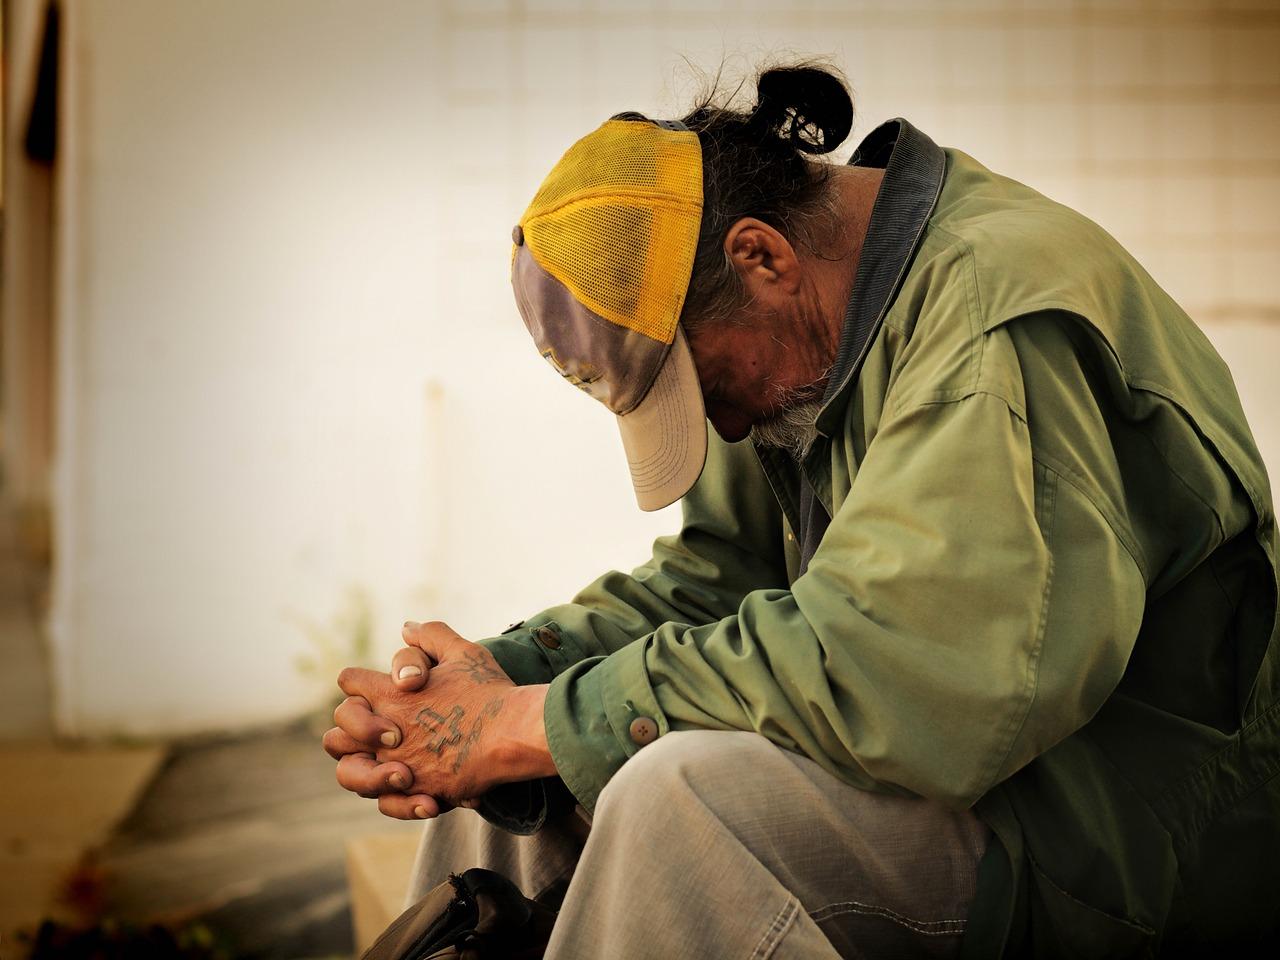 日本における貧困って?年収いくらだと該当?貧困になる人の行動も調査